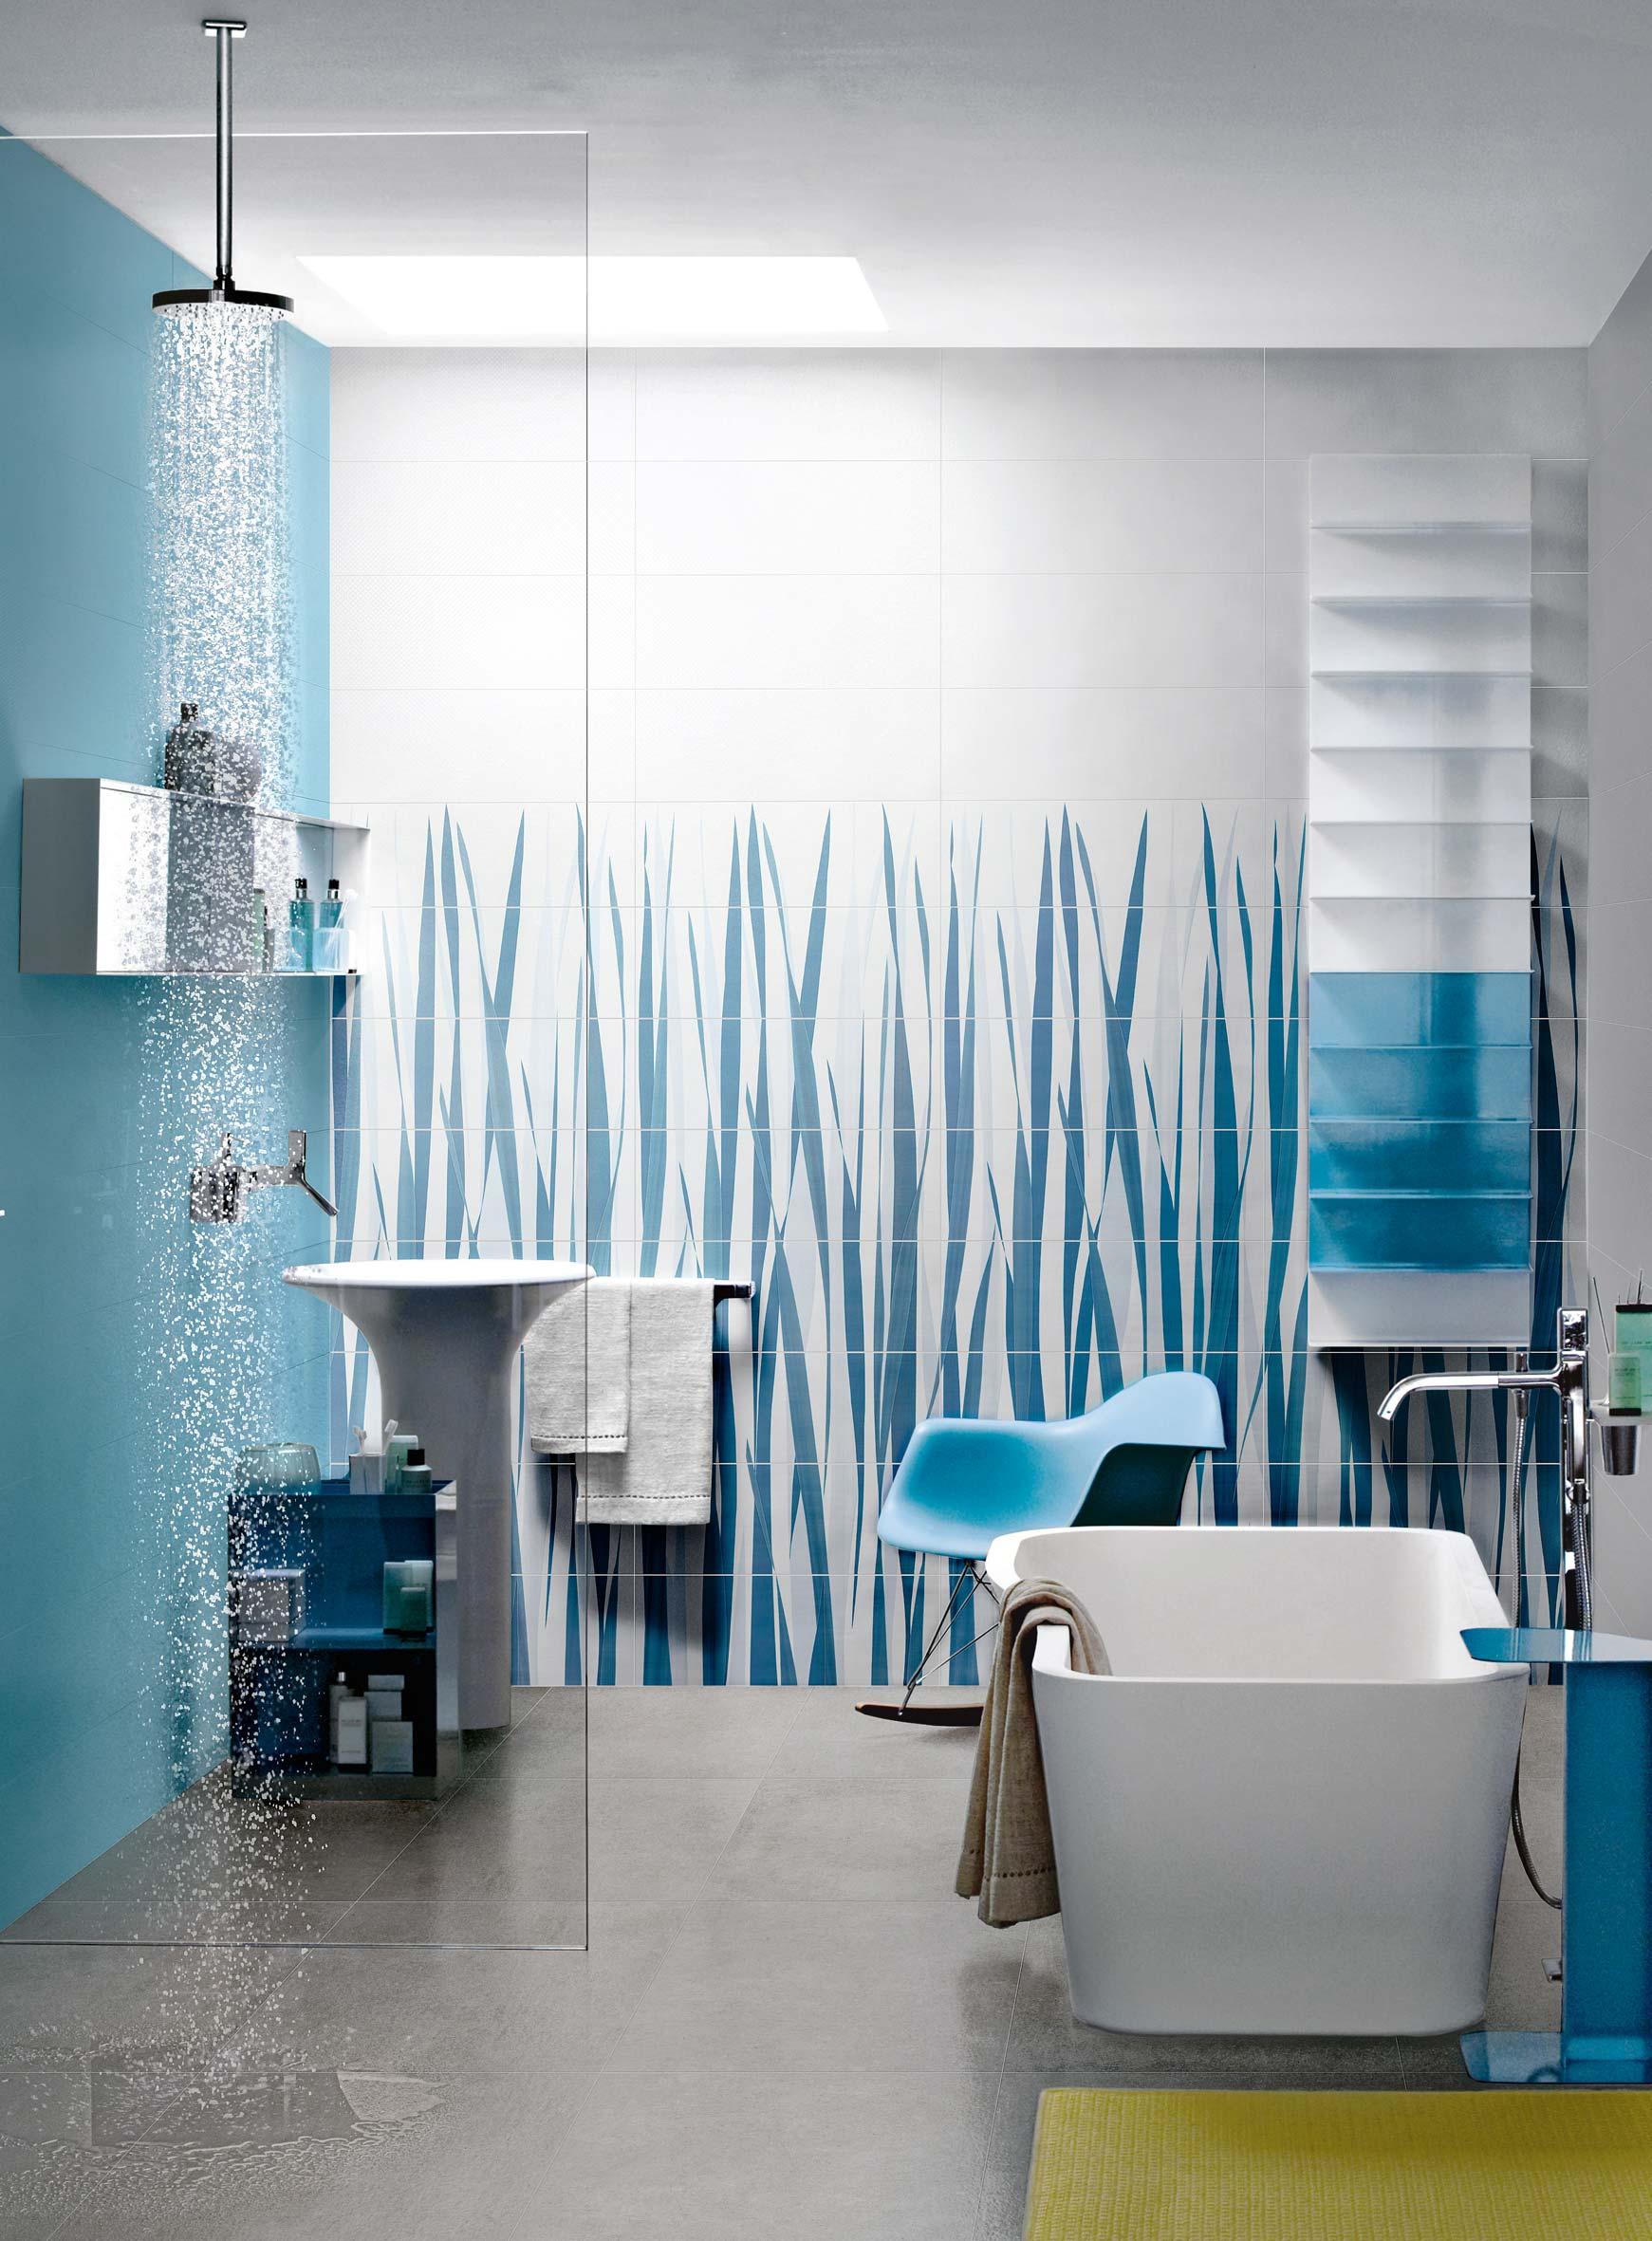 Bagno azul le ceramiche azzurre per il bagno ceramica for Piastrelle per bagno